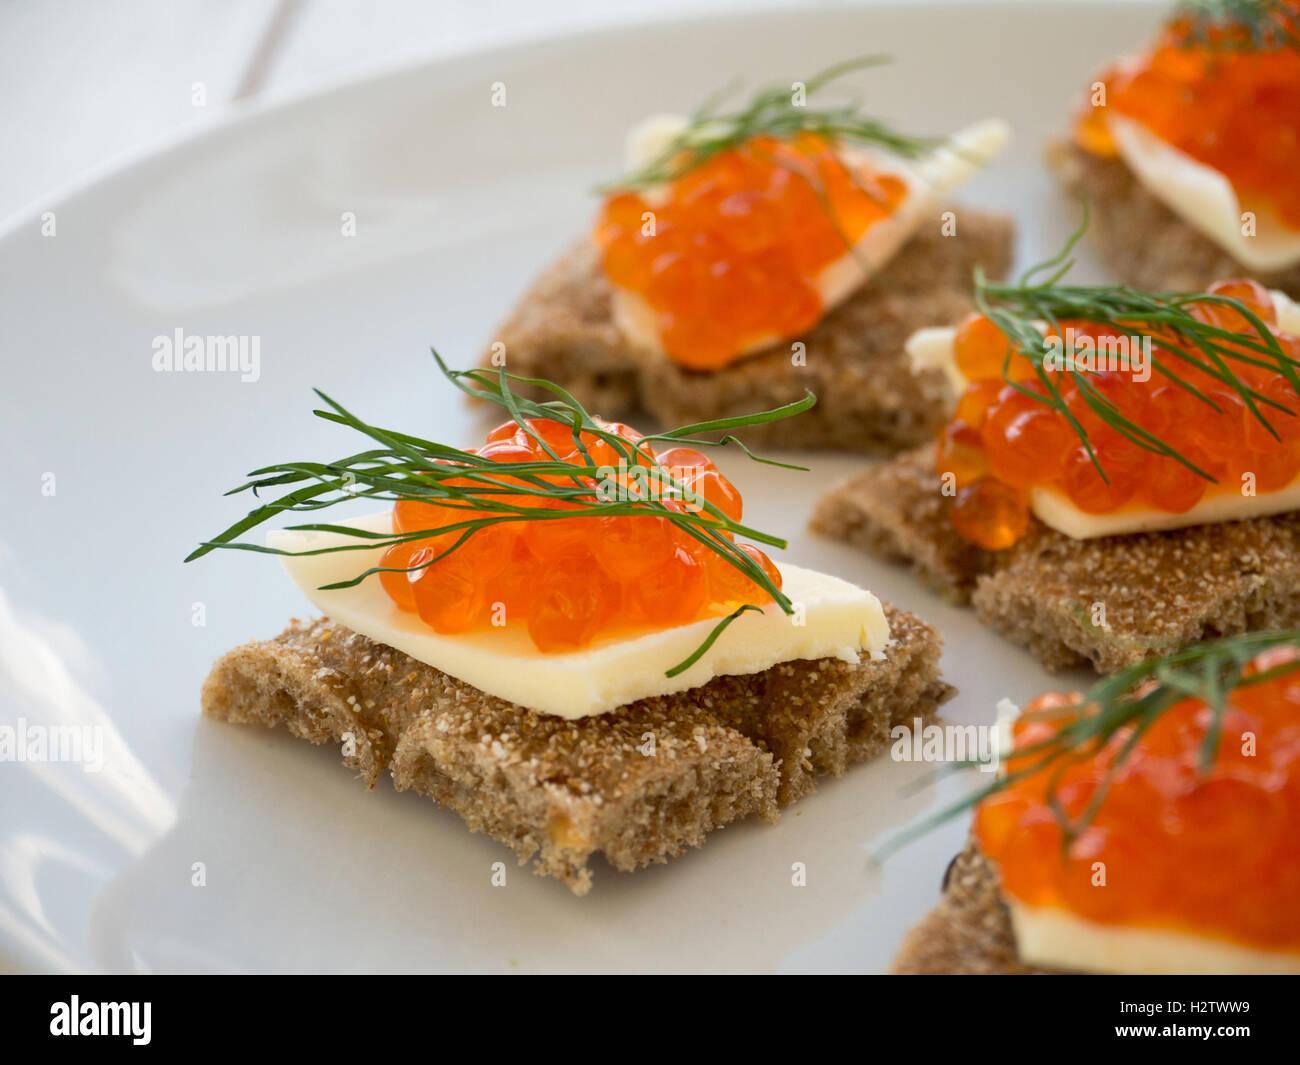 Crostini con caviale rosso e burro closeup Immagini Stock